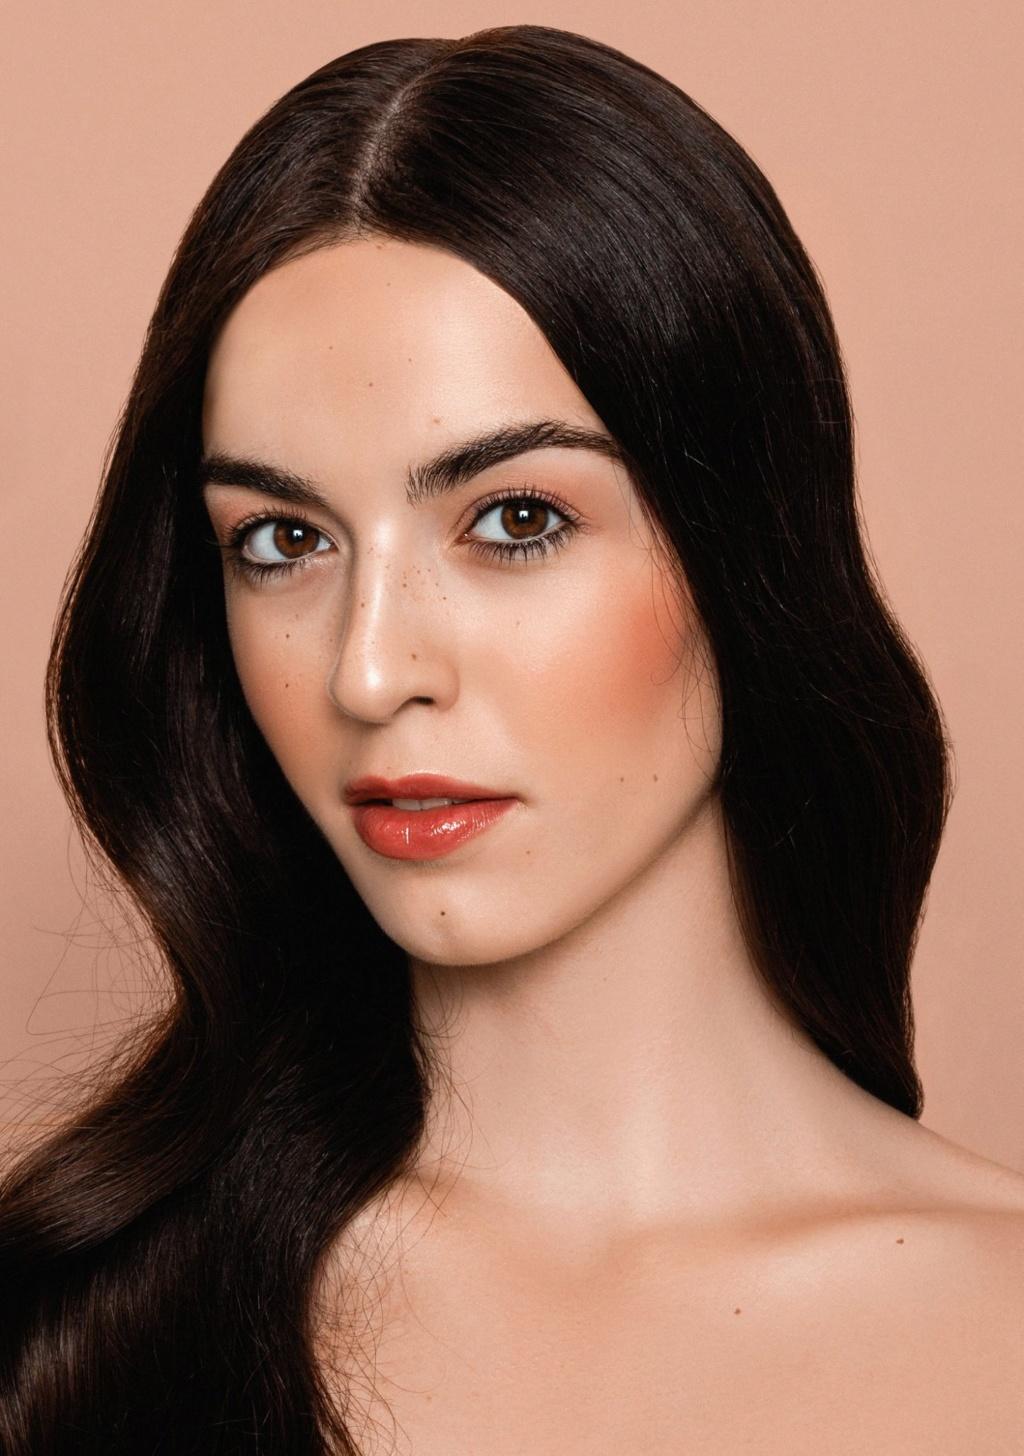 Miss Slovensko 2019 is Frederika Kurtulikova - Page 2 52426810